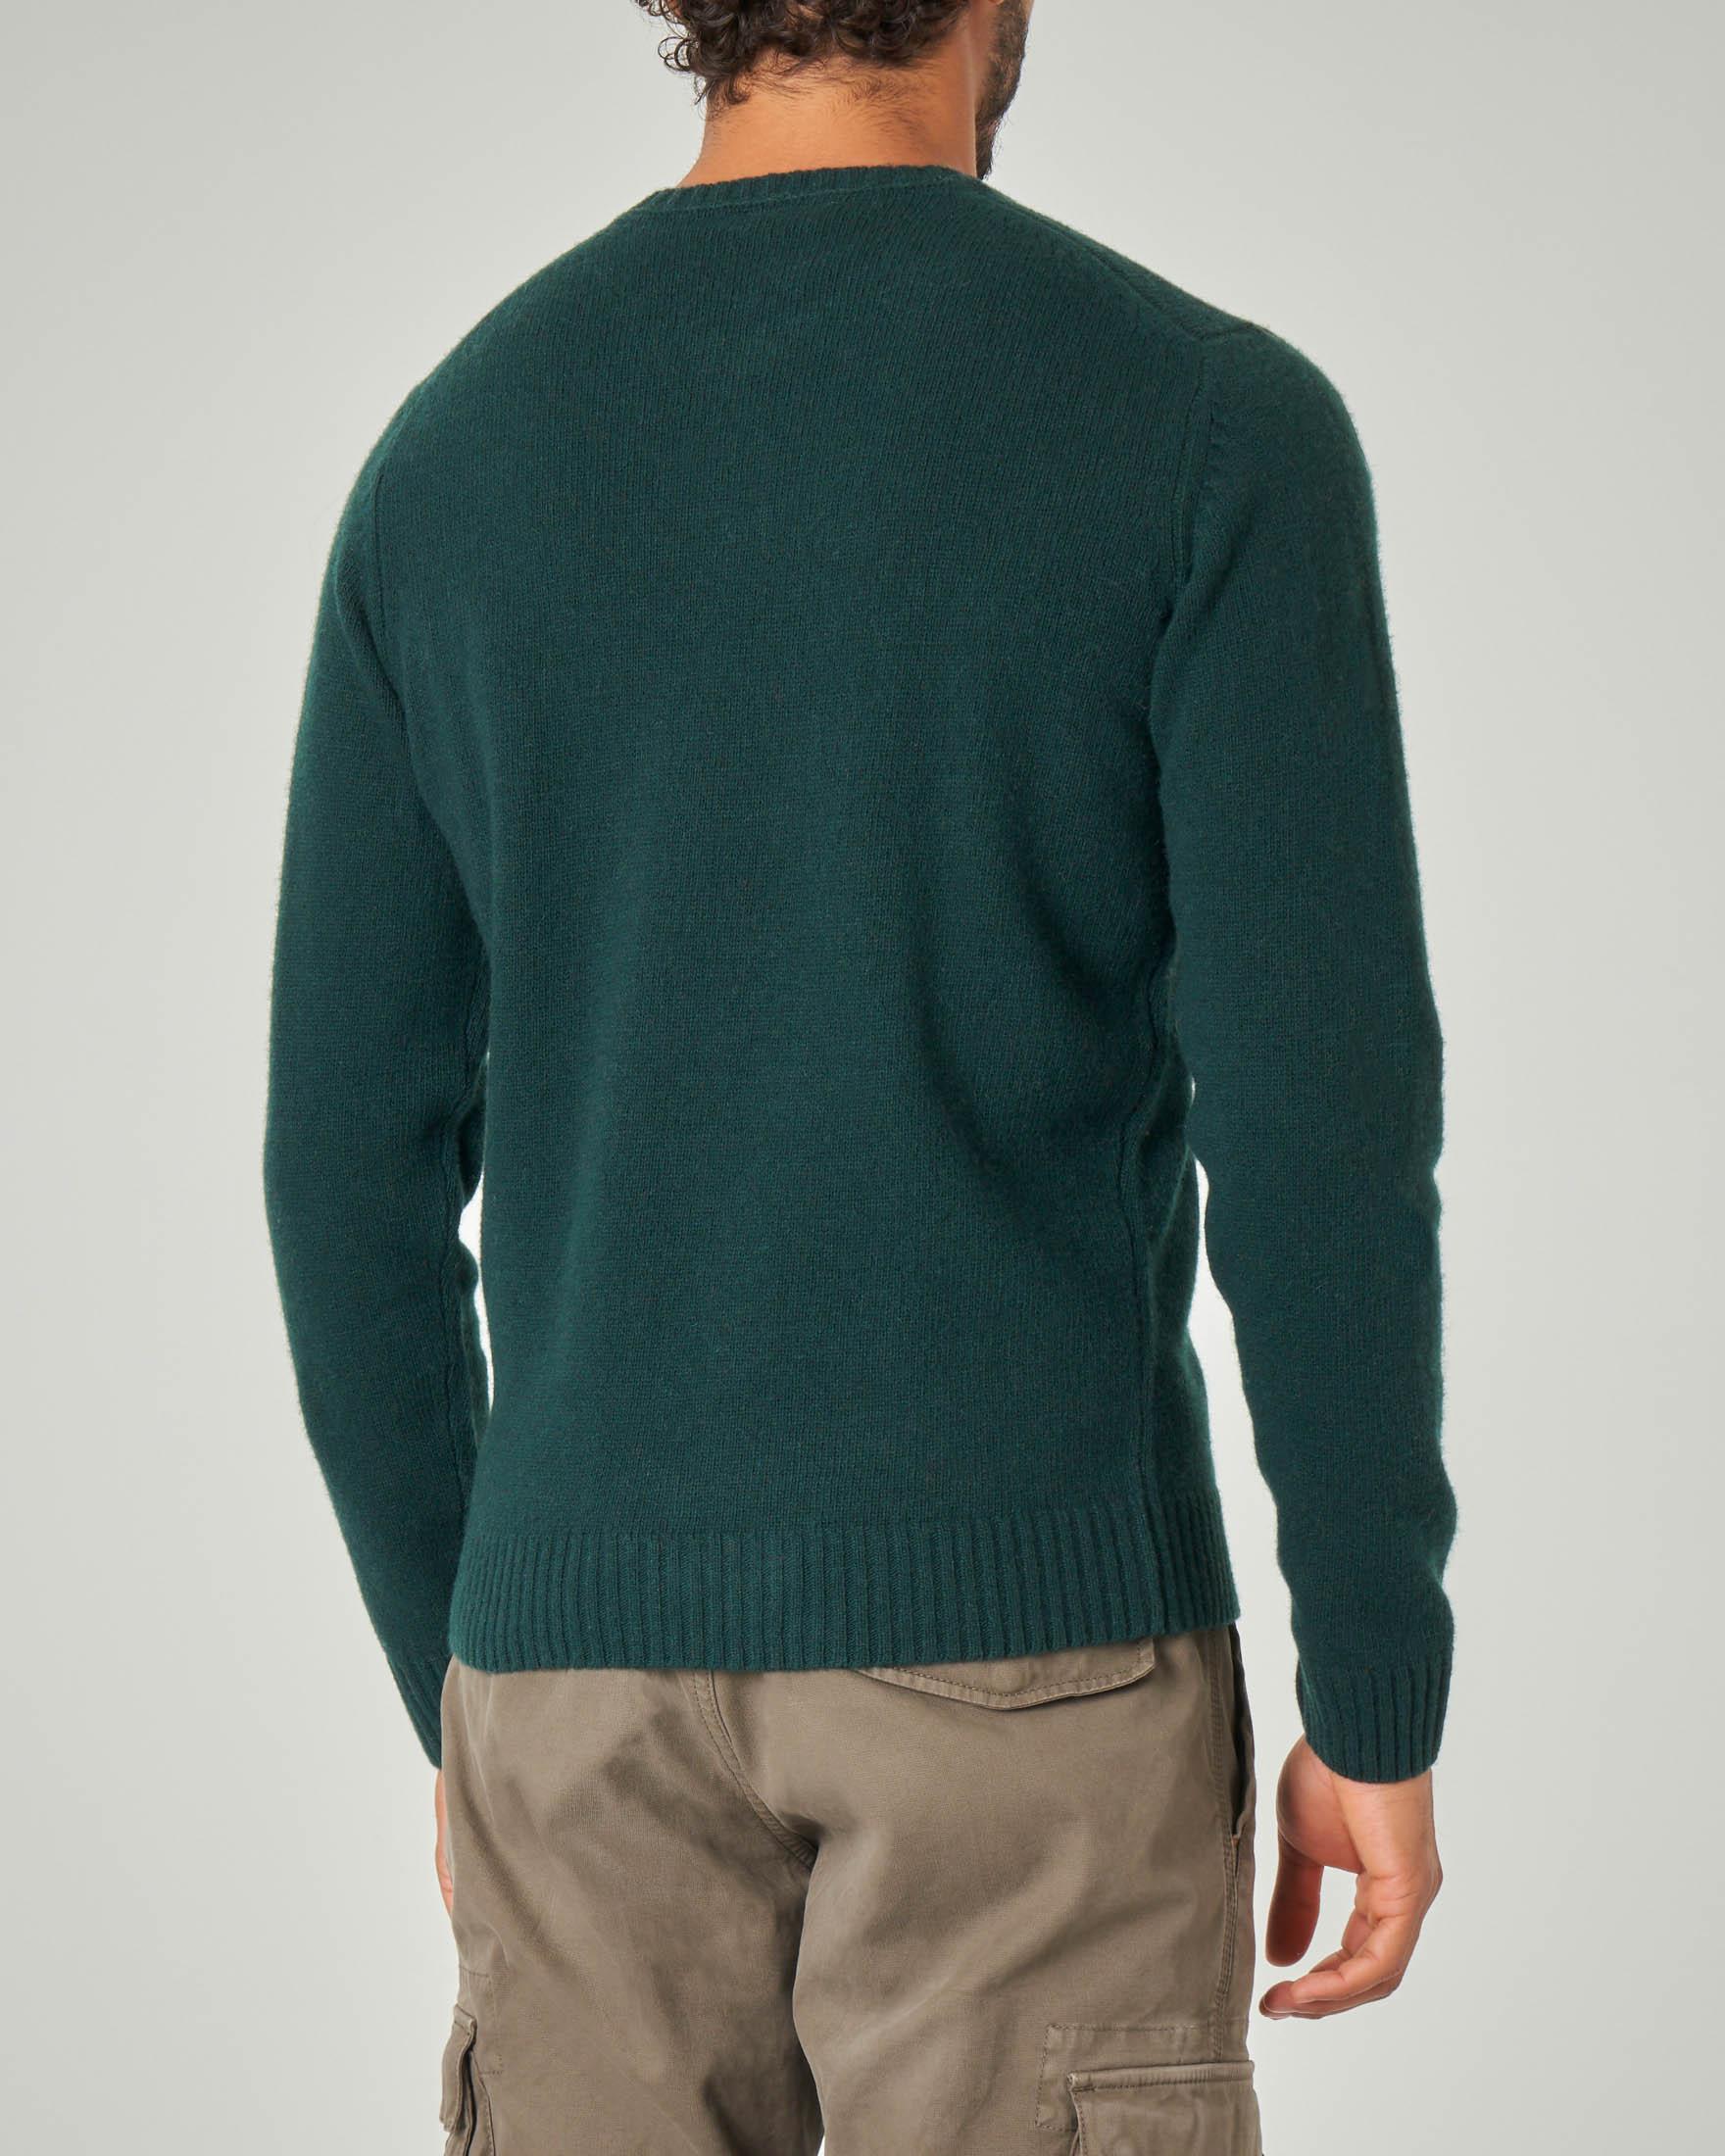 Maglia girocollo verde scuro in lana sulla finezza 7